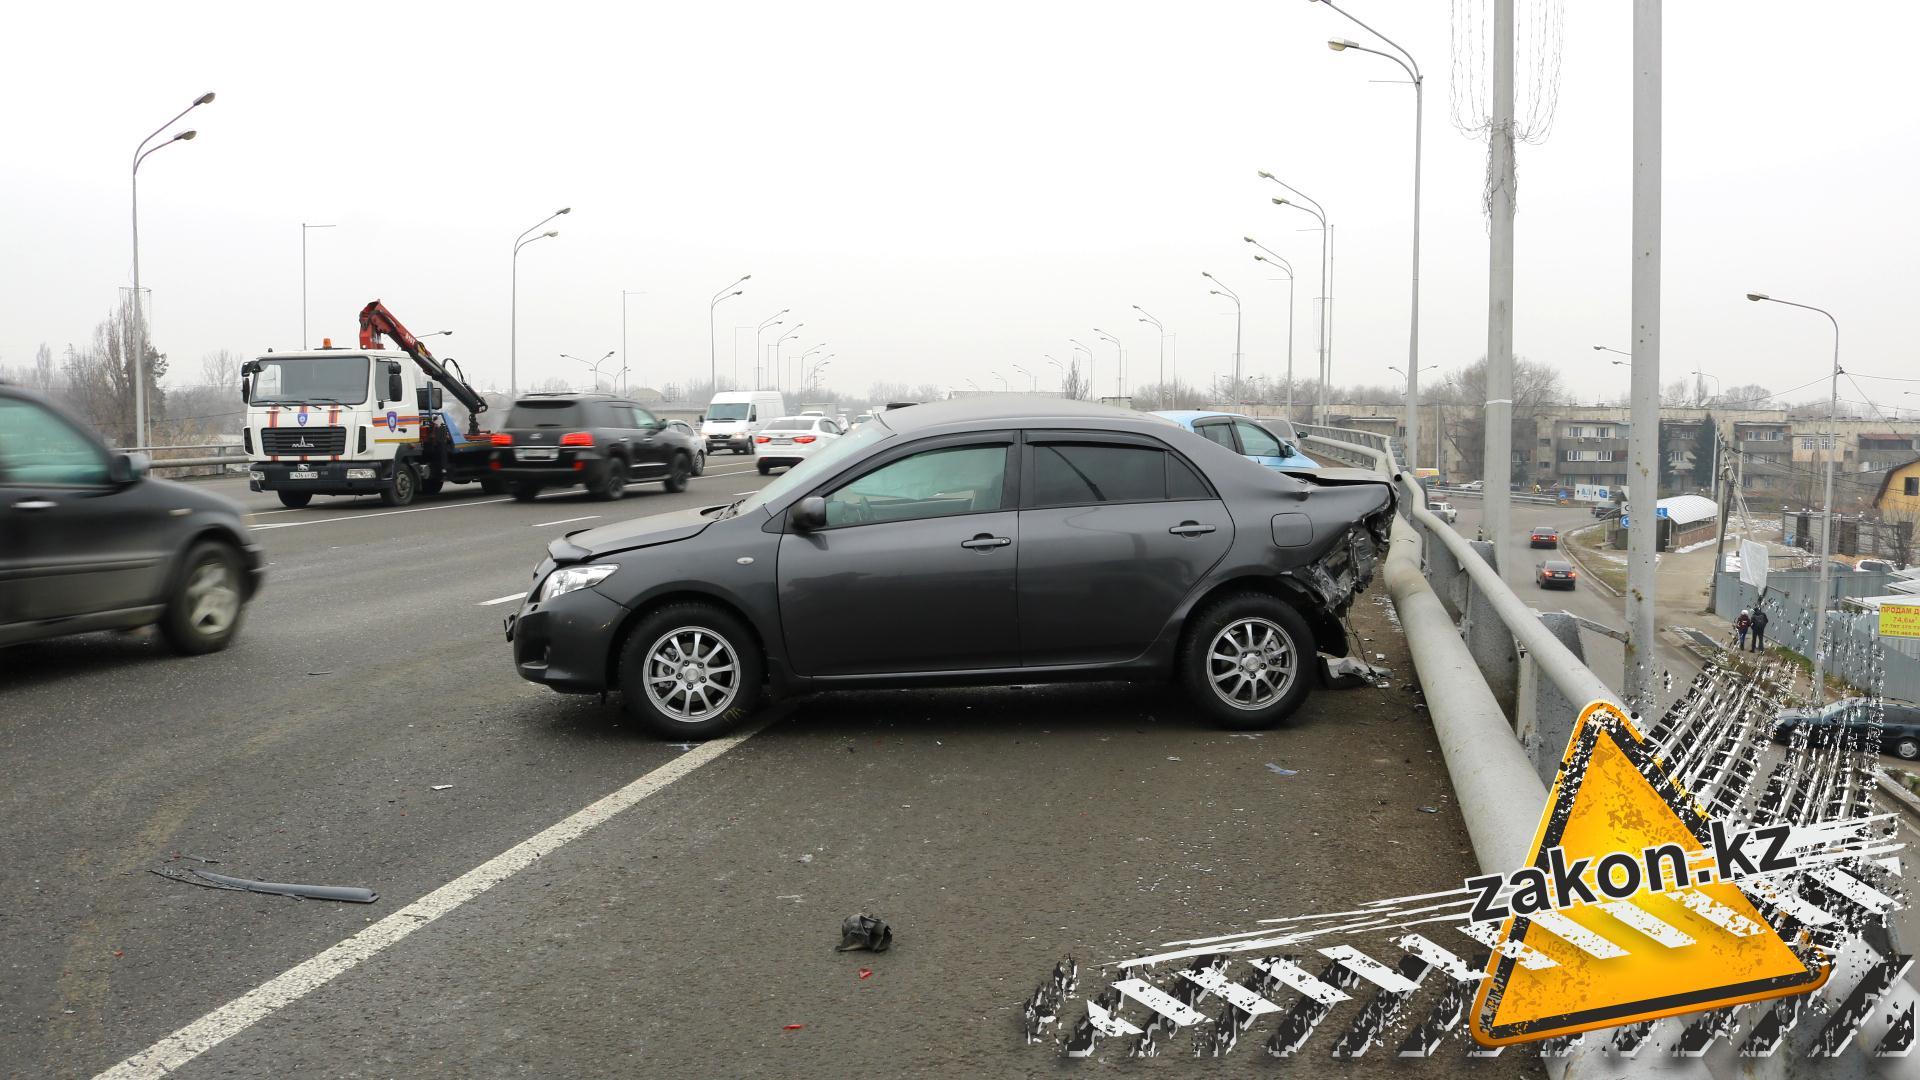 ВАлматы автомобиль насмерть сбил пешехода